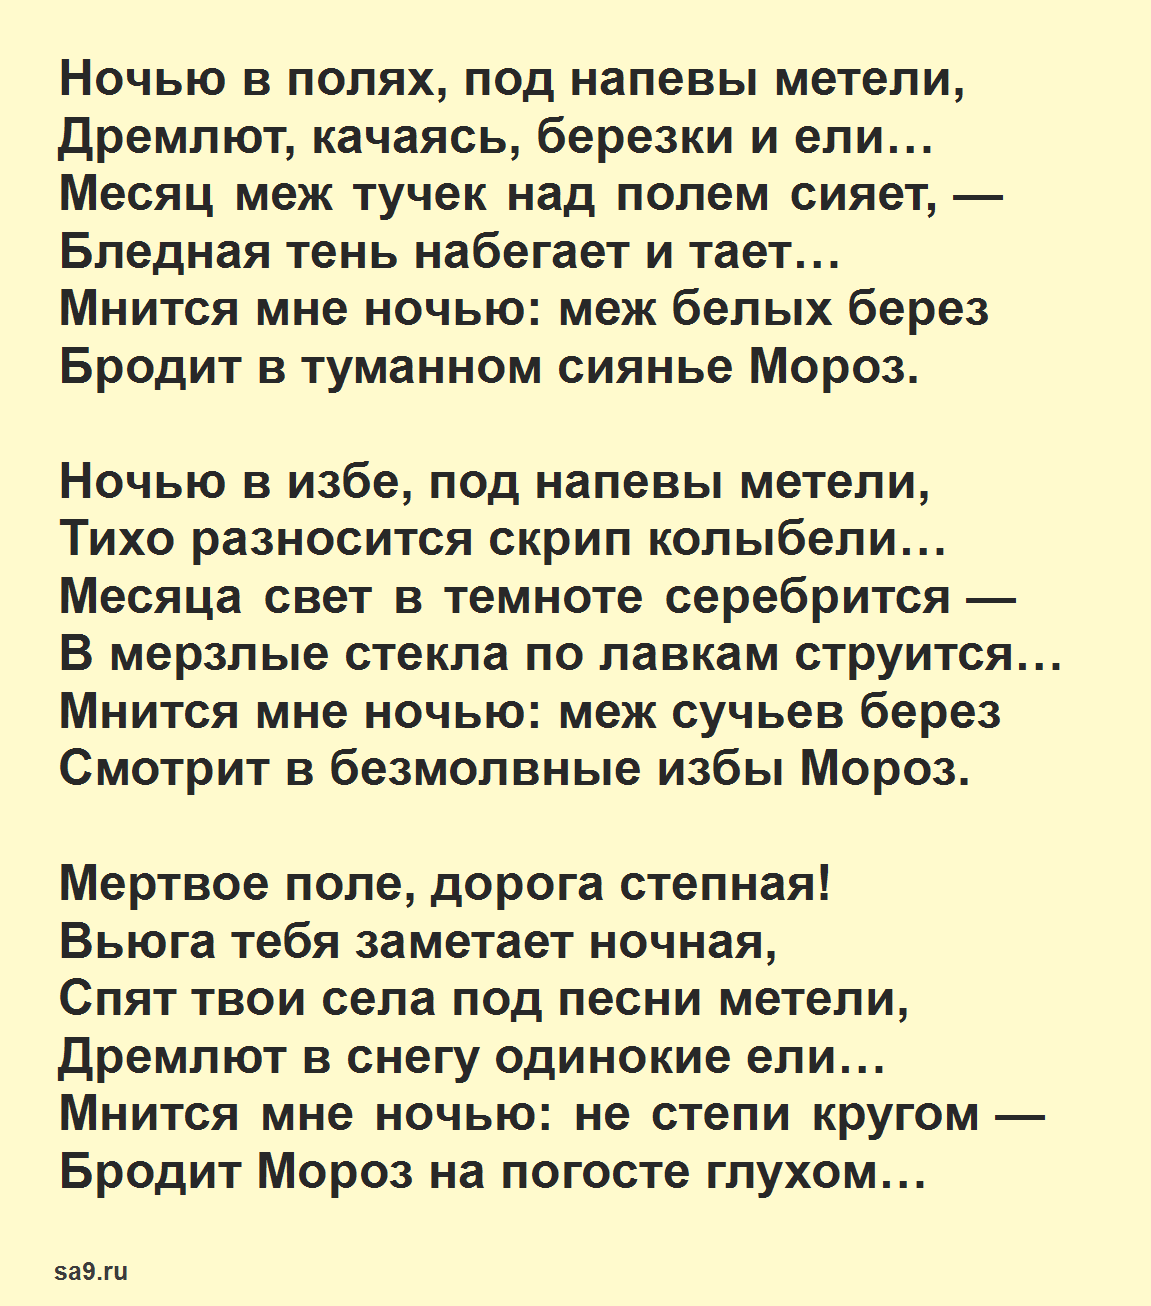 Бунин легкие стихи для детей - Метель